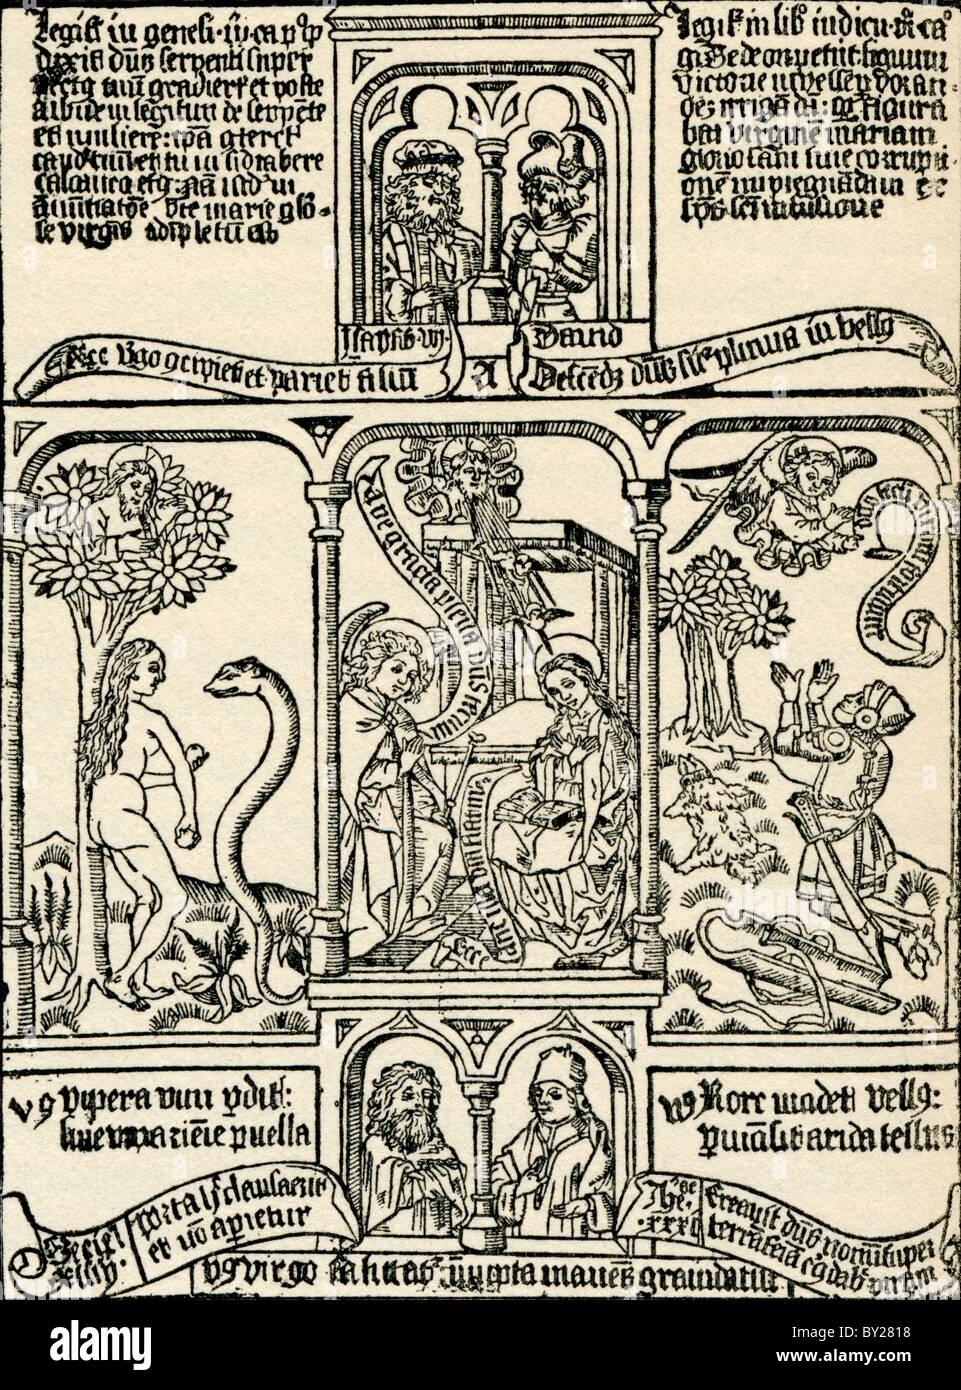 Le illustrazioni bibliche. Da Geschiedenis van Nederland, pubblicato nel 1936. Immagini Stock